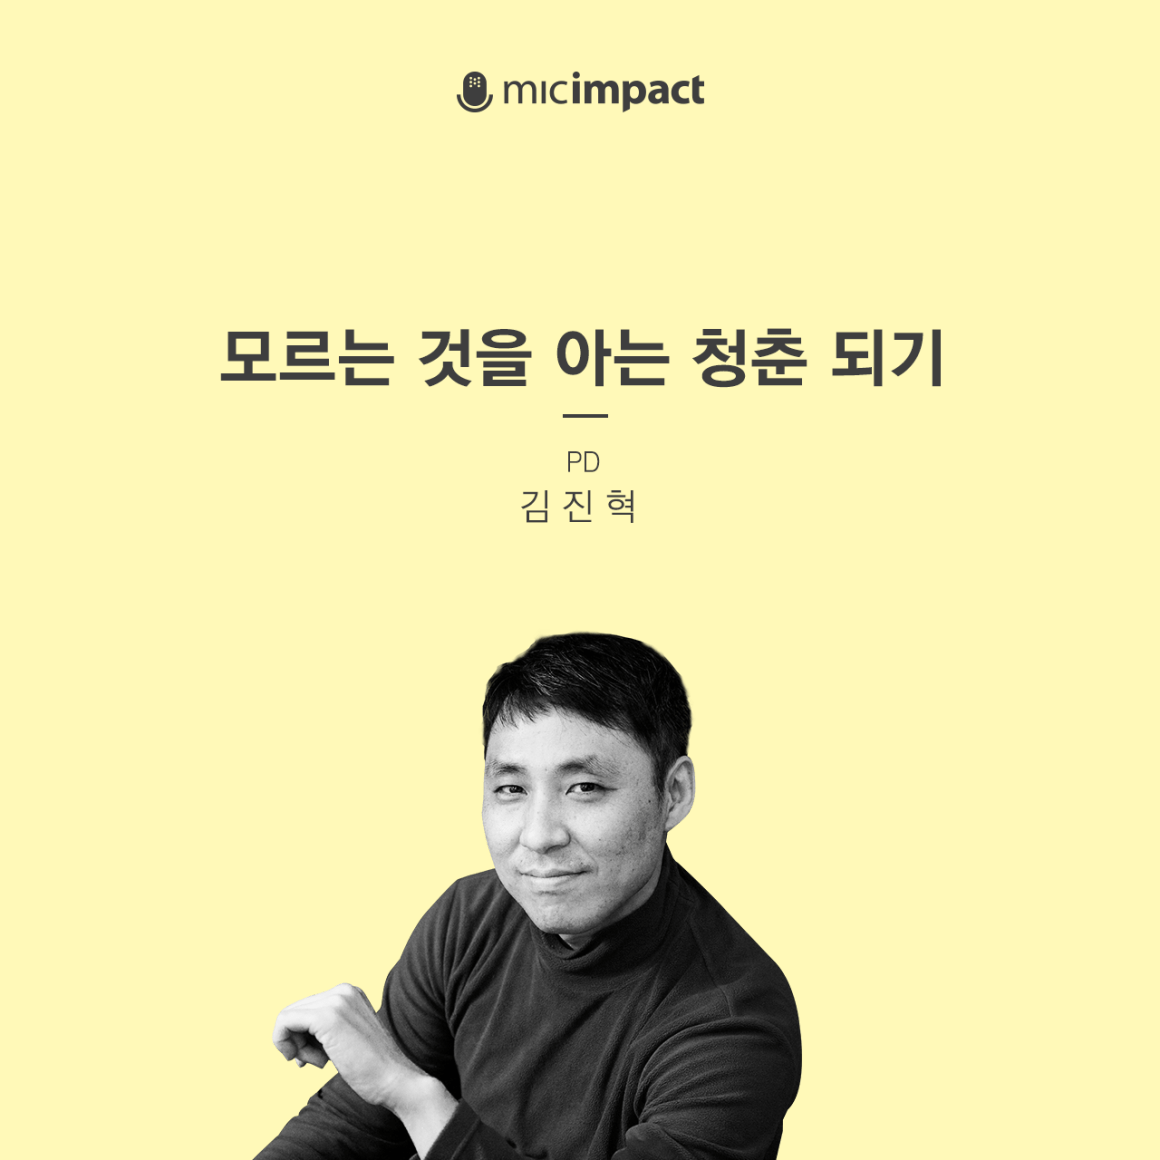 (2014 청춘페스티벌) 모르는 것을 아는 청춘 되기_김진혁 (by 마이크임팩트 )